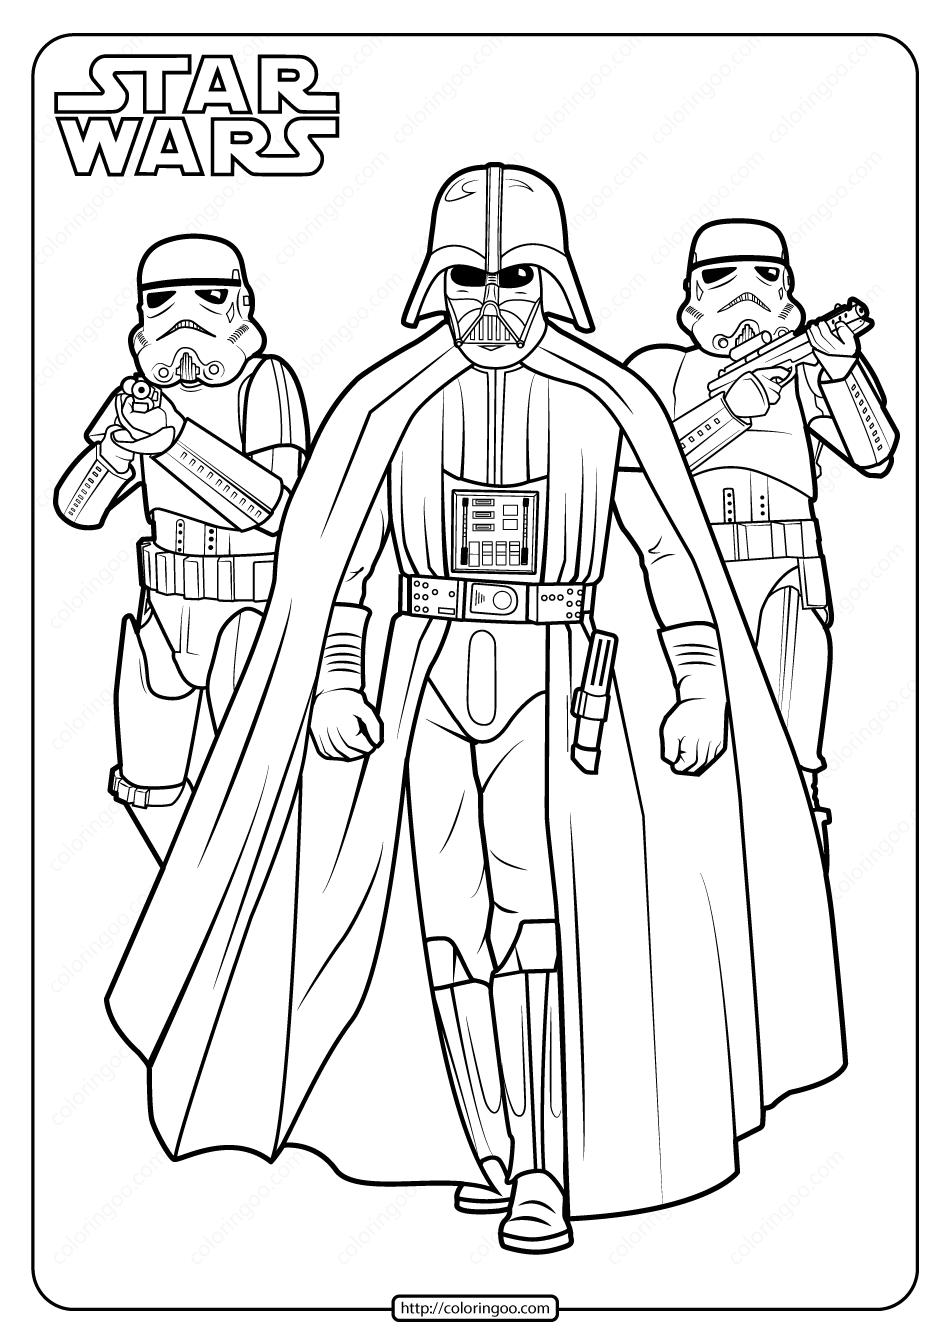 Printable Star Wars Darth Vader Coloring Pages